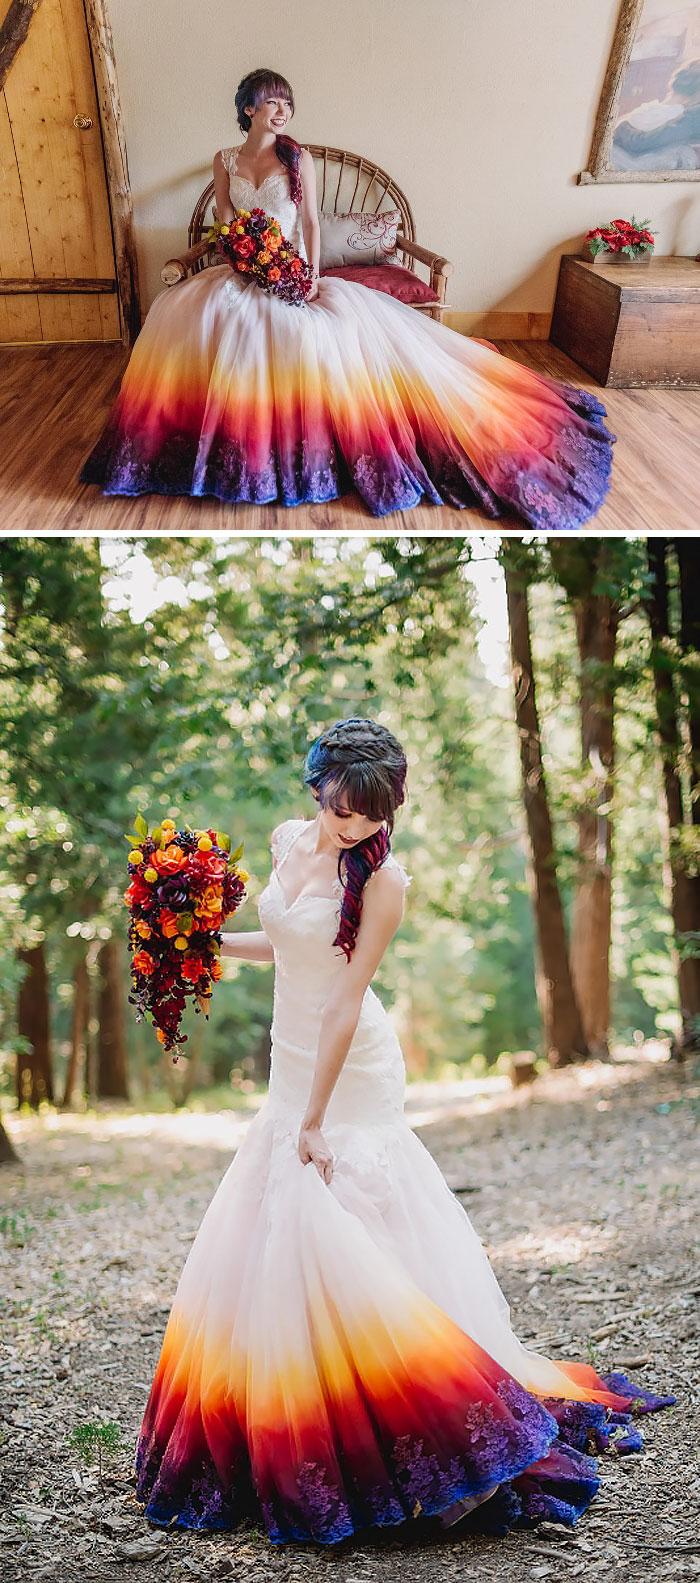 vestidos_casamiento_creativos_decolorados_9